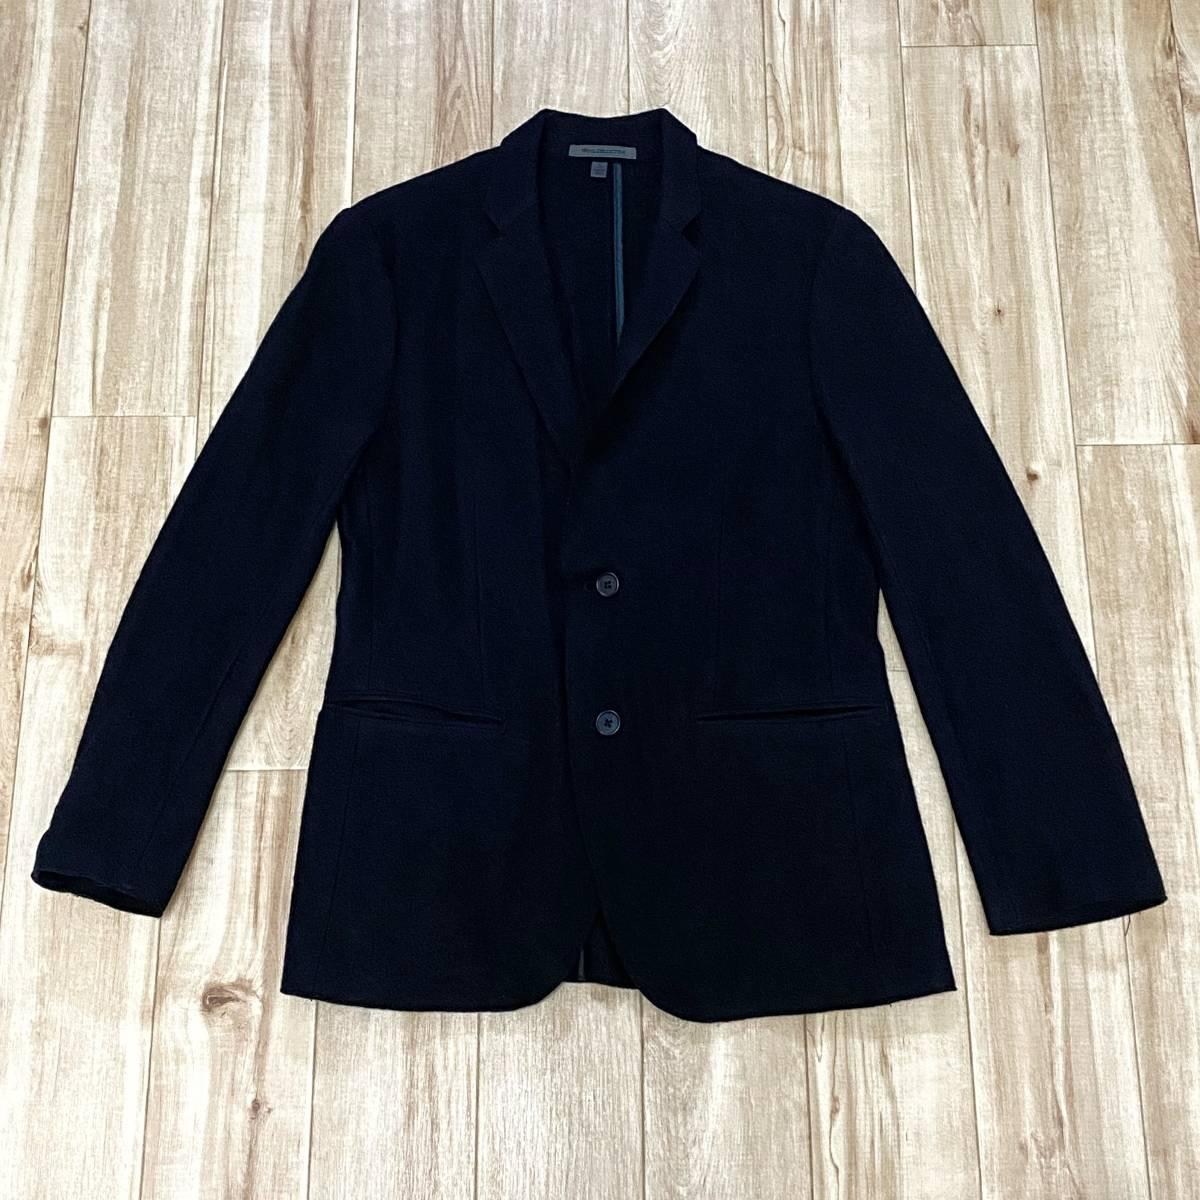 UNIQLO ウールコレクションジャケット S / ユニクロ_画像3